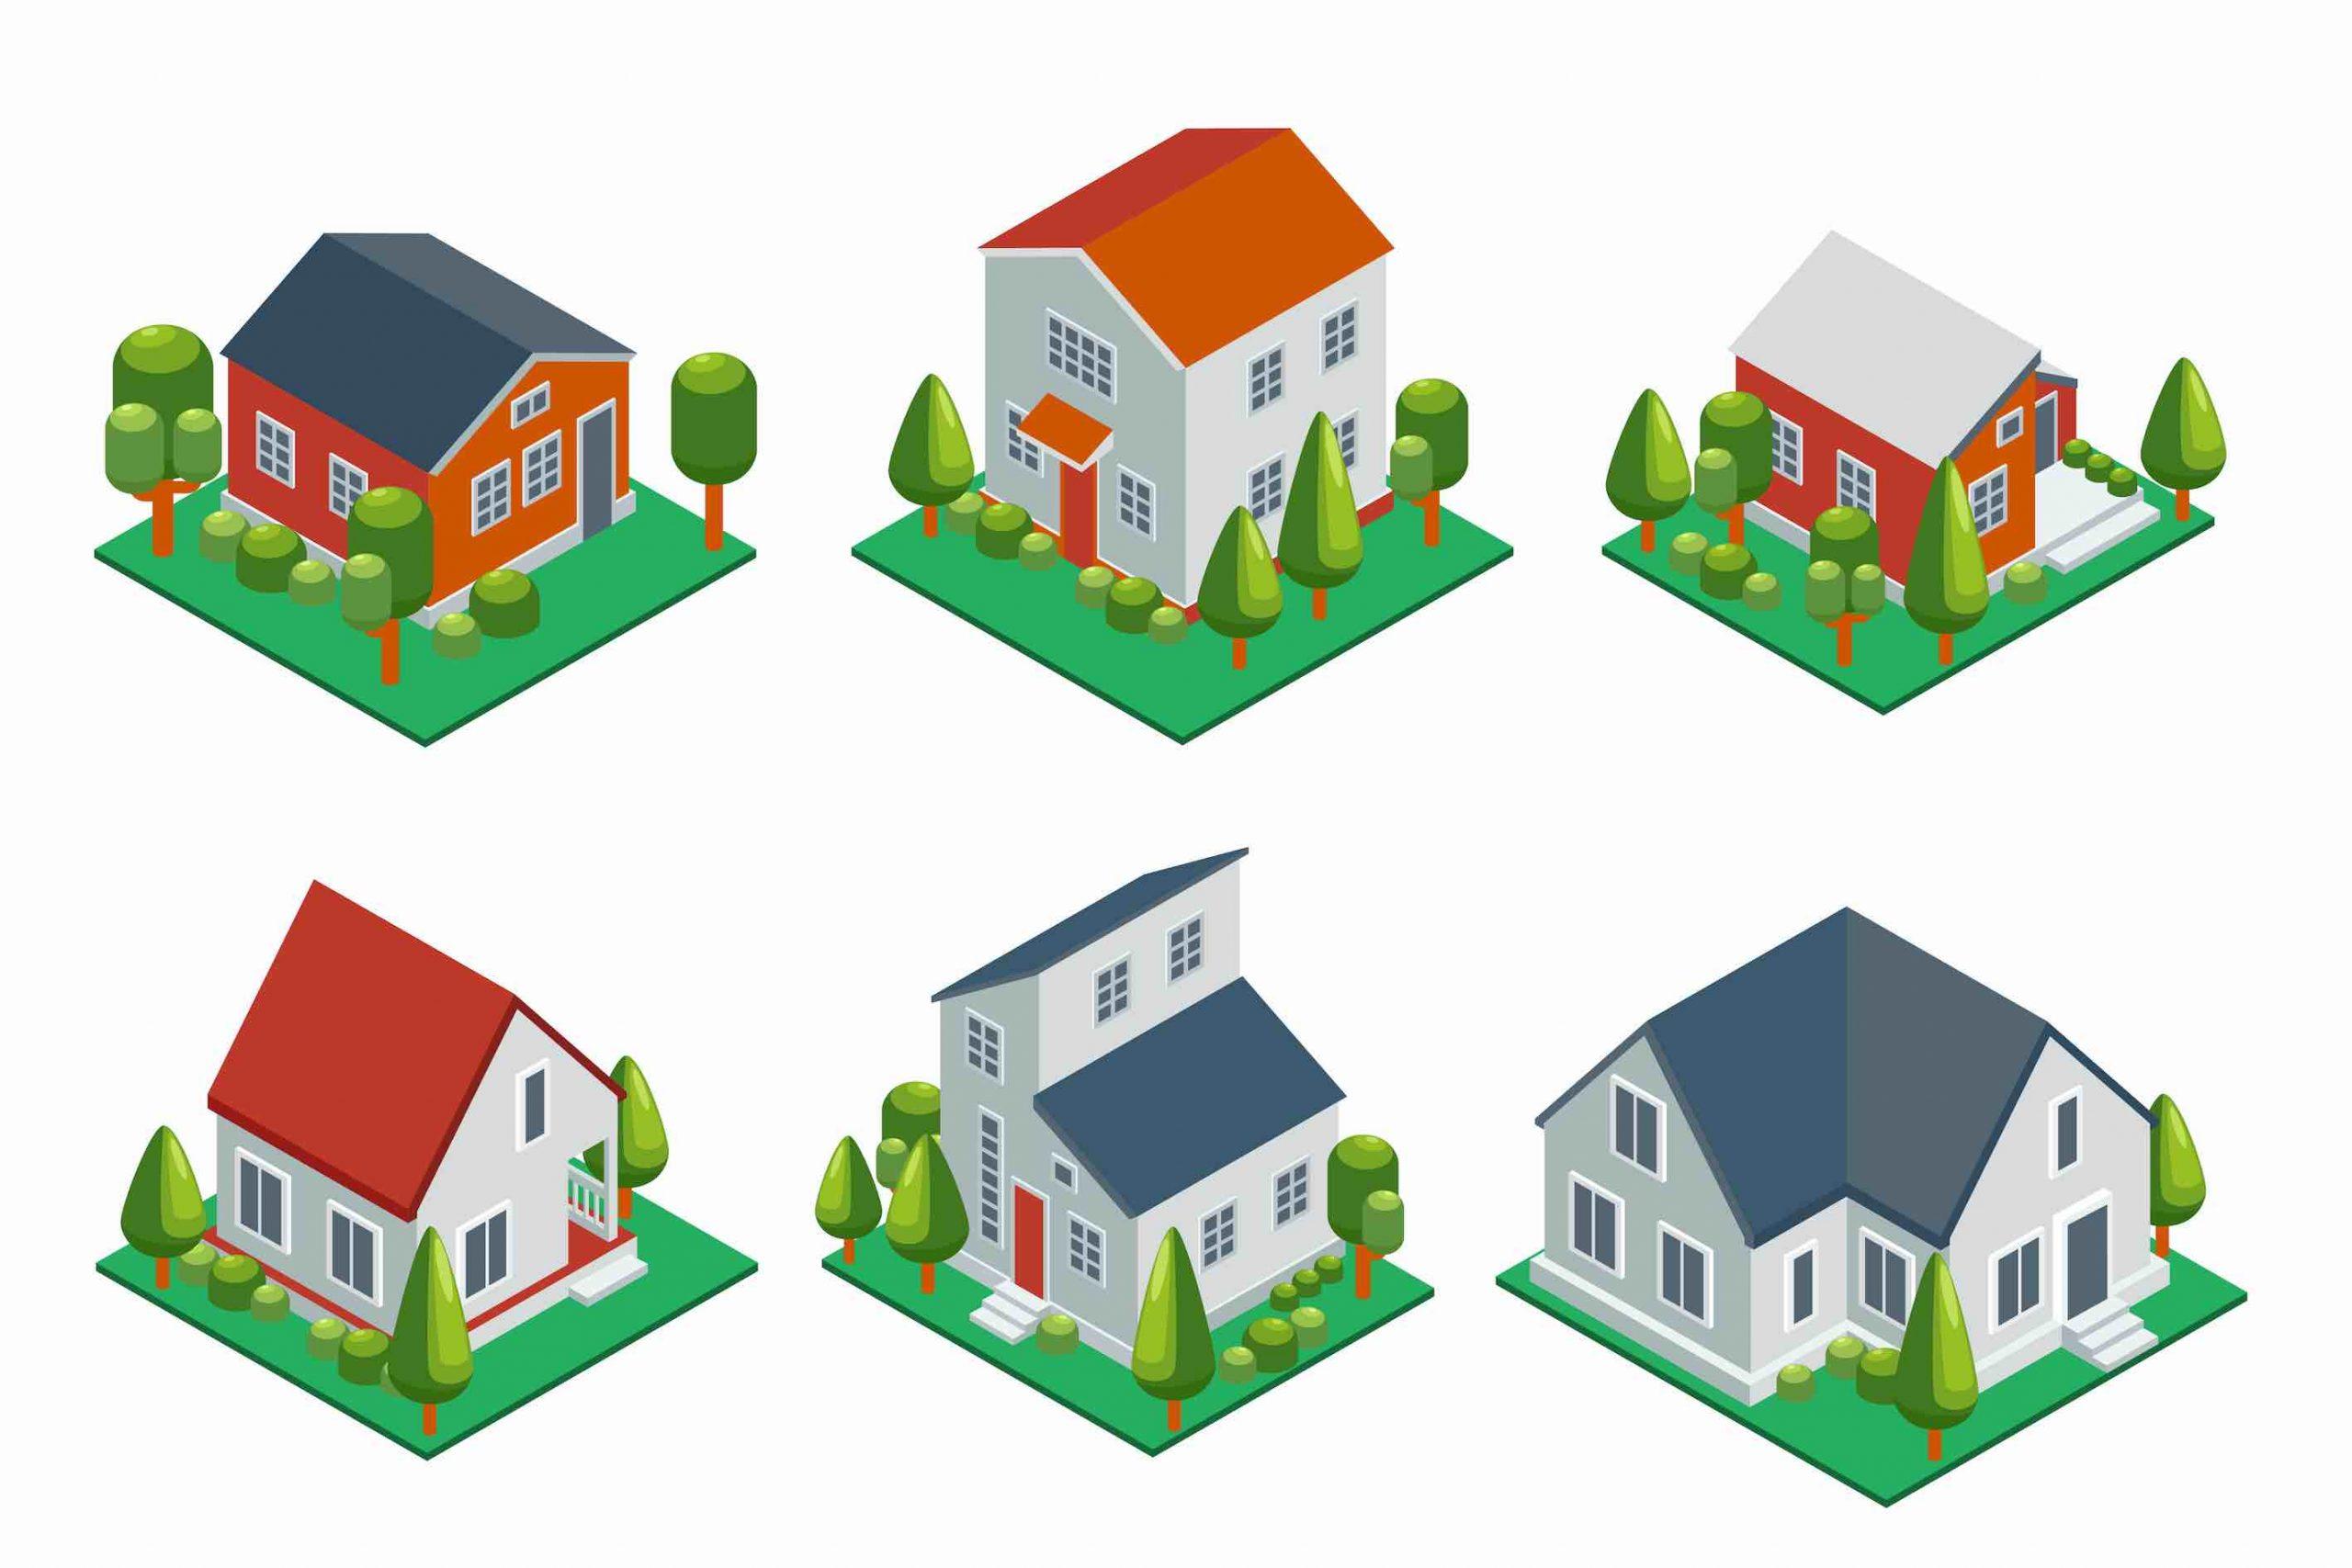 https://www.hopen.fr/blog/pourquoi-choisir-une-porte-fenetre-pour-votre-habitation/